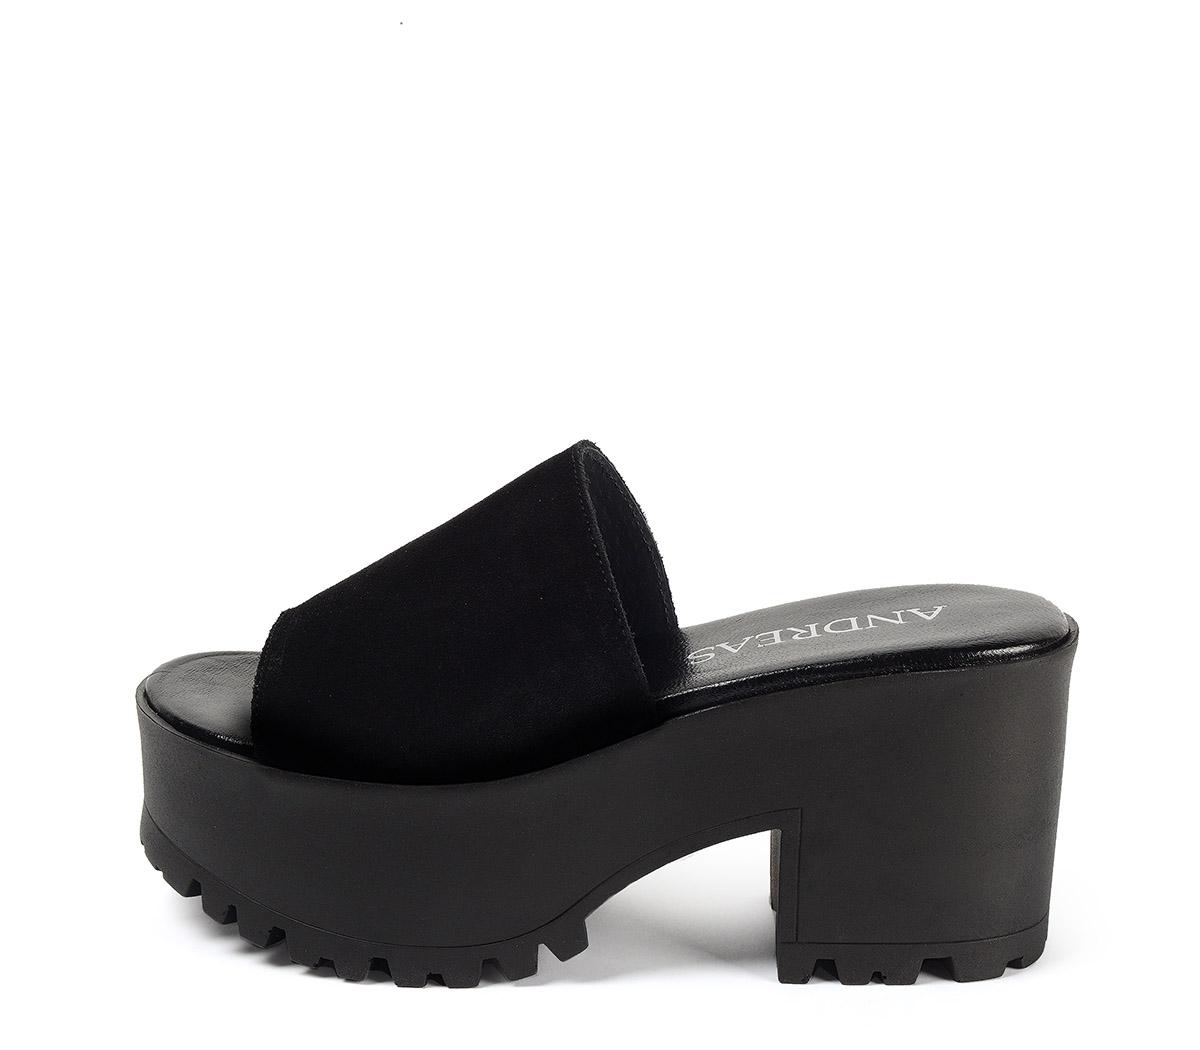 Ref. 3906 Sandalia serraje negro con pala. Altura tacón 8.5 cm y plataforma delantera 5 cm. Plantilla acolchada de piel.